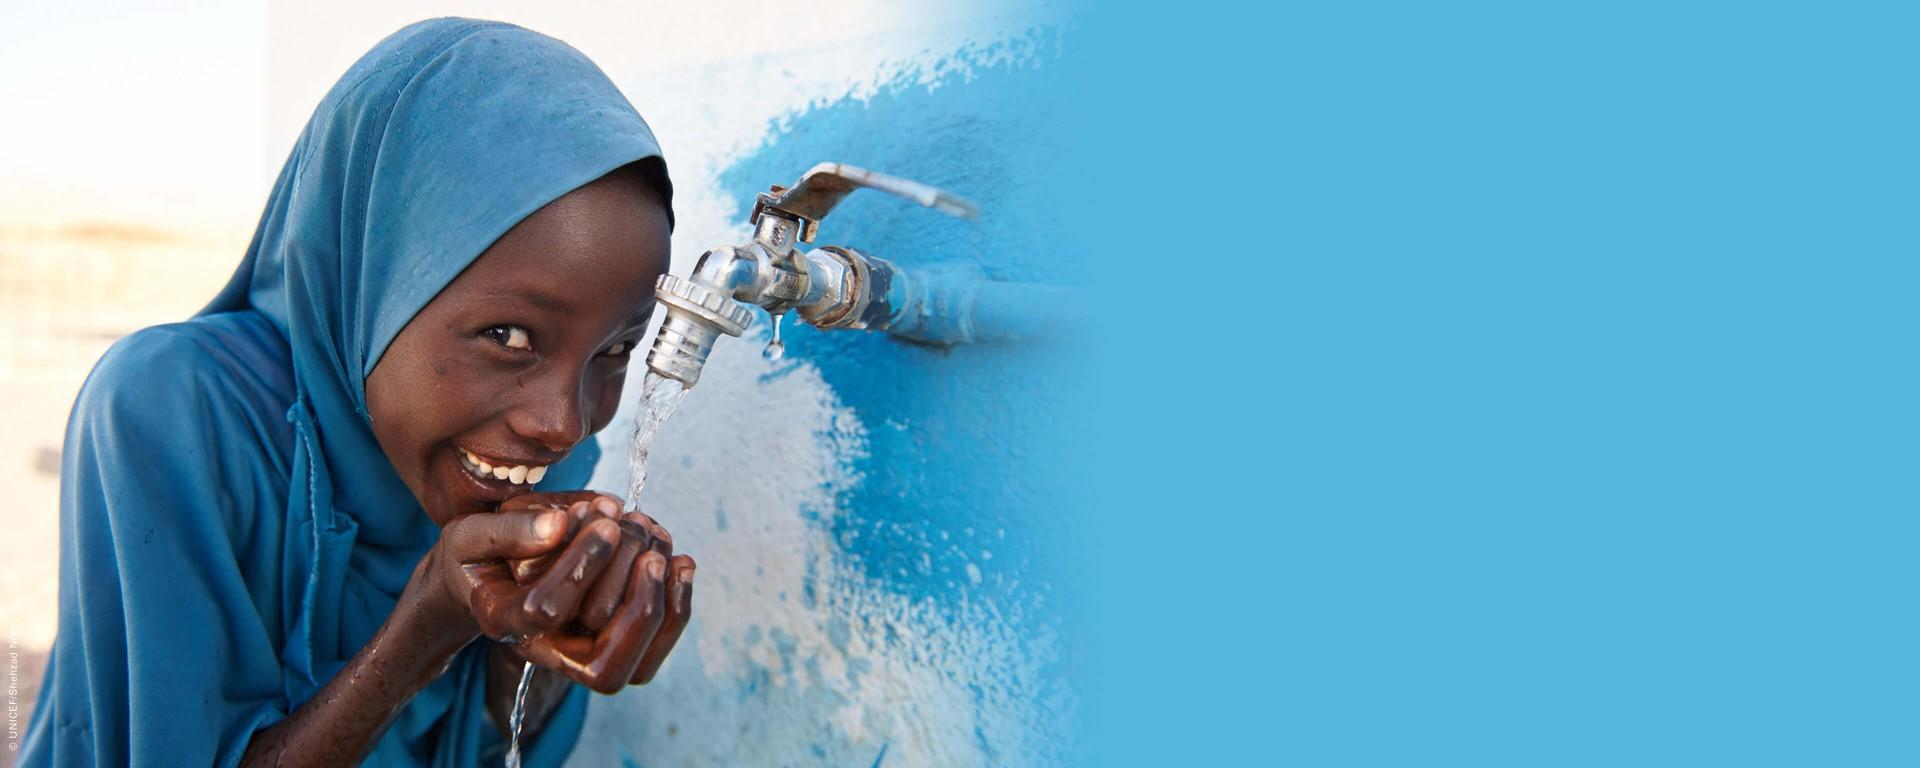 UNICEF Polska - Woda i higiena